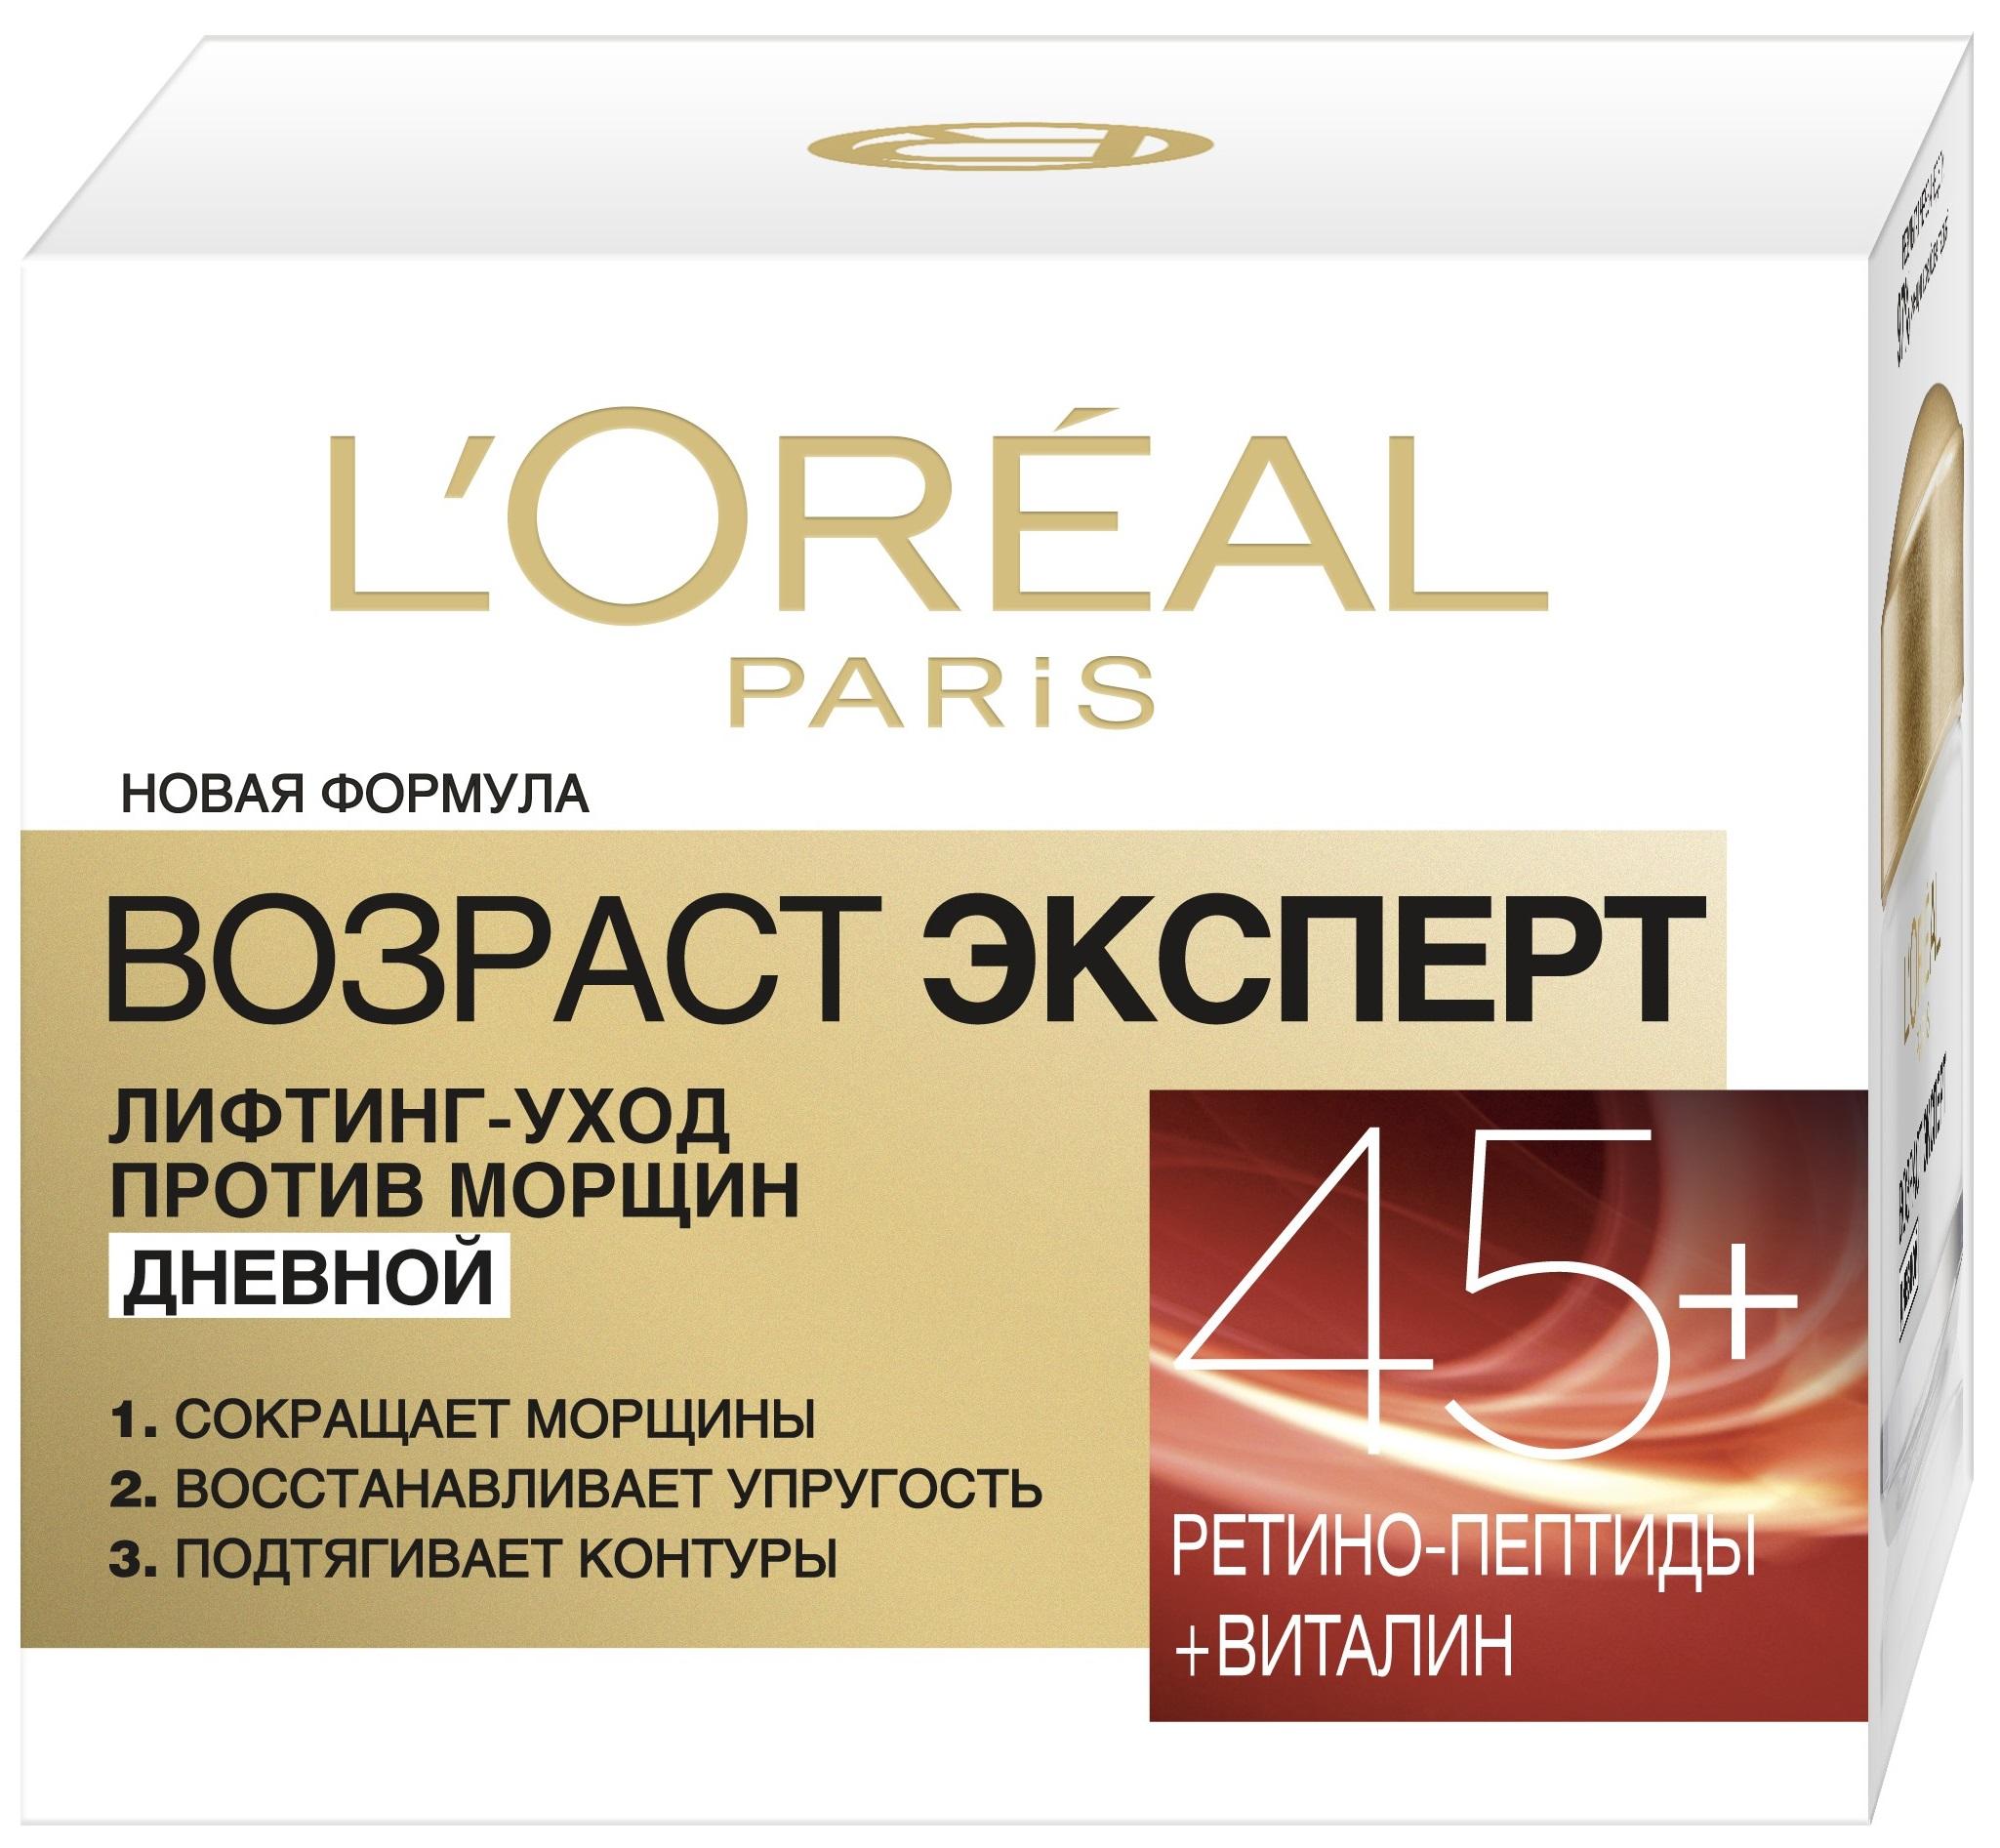 L'Oreal Paris Дневной крем Возраст Эксперт 45+ против морщин, лифтинг-уход, 50 мл кремы l oreal paris дневной крем возраст эксперт 55 против морщин легкая текстура восстанавливающий 50 мл